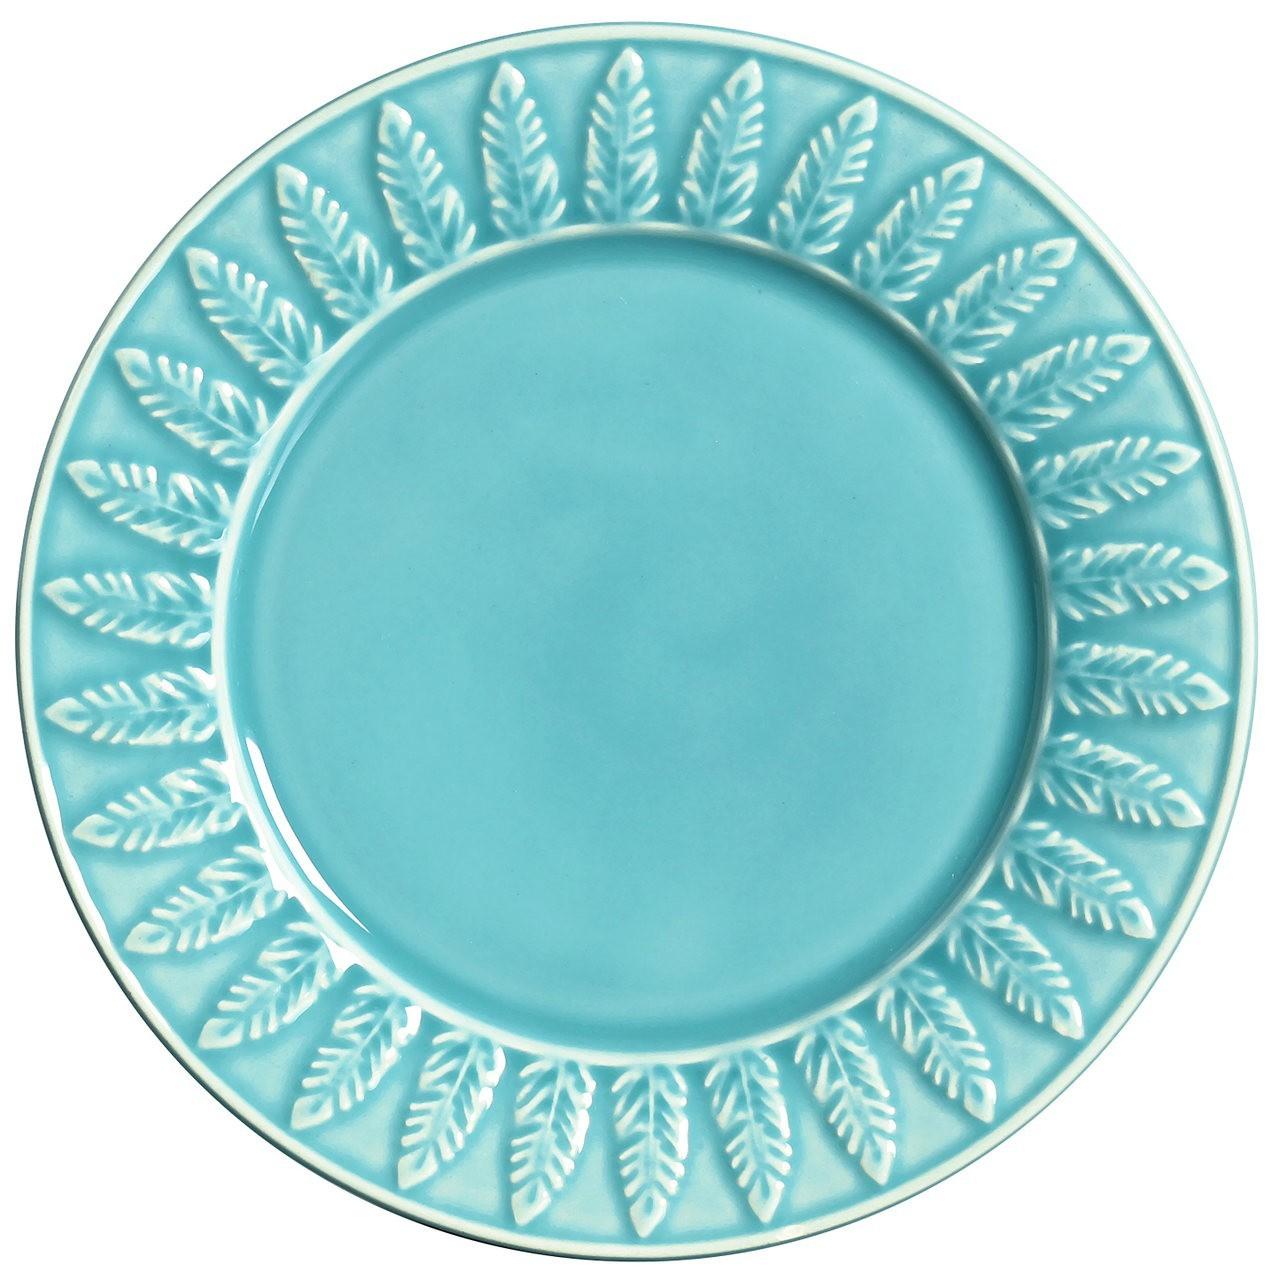 Prato Sobremesa Panache 2 Azul (06 Unidades)